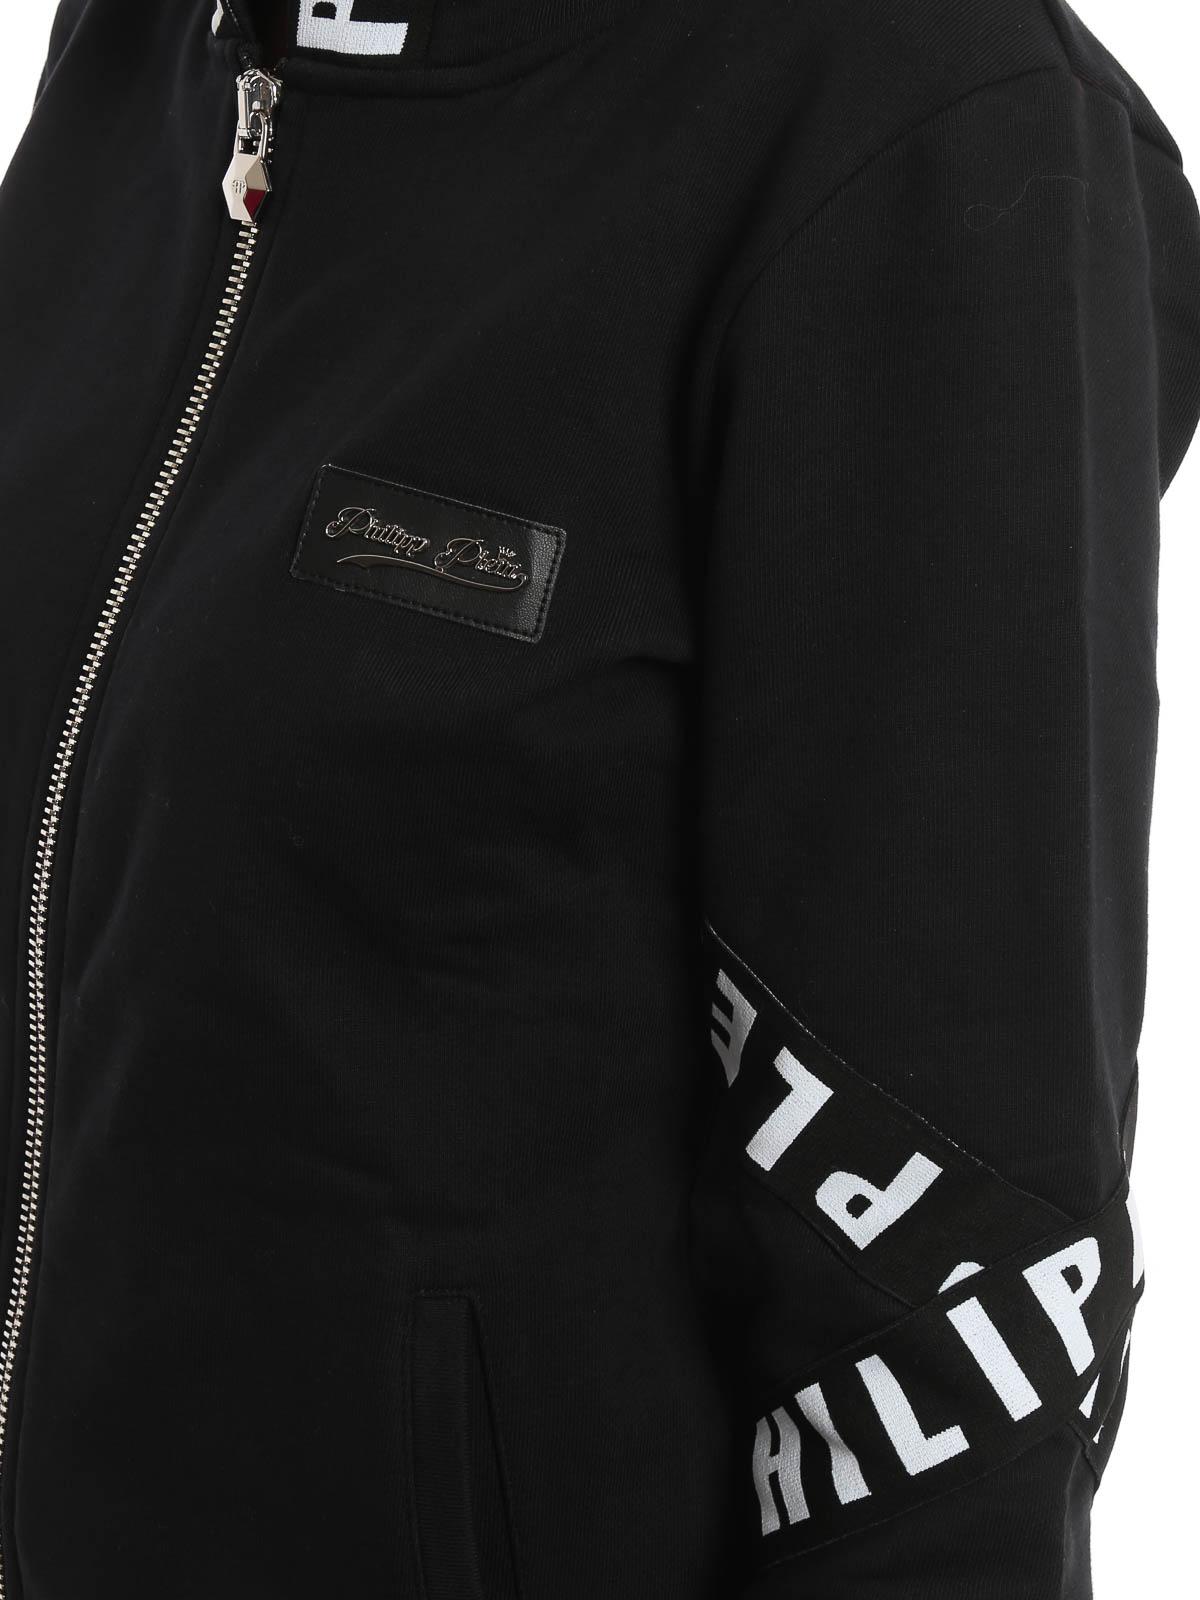 sweatshirt und pullover monifieth von philipp plein. Black Bedroom Furniture Sets. Home Design Ideas